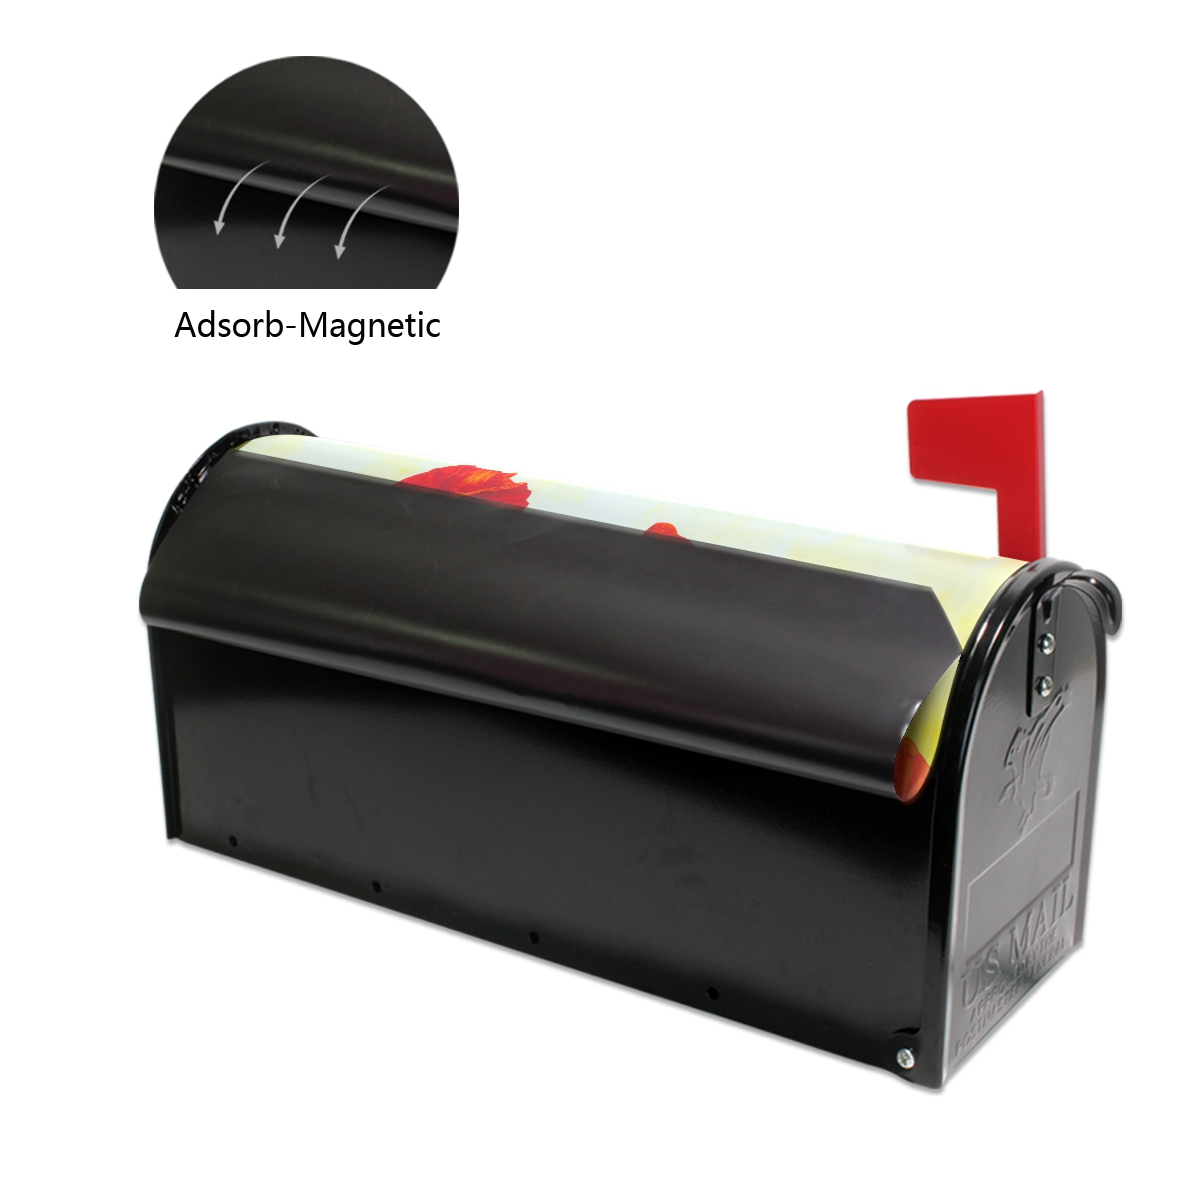 Художественная Обложка для почтового ящика с красными цветами мака Весенняя картина с лужайкой Чехлы для почтовых ящиков магнитные почтовые обертки почтовая коробка большой размер